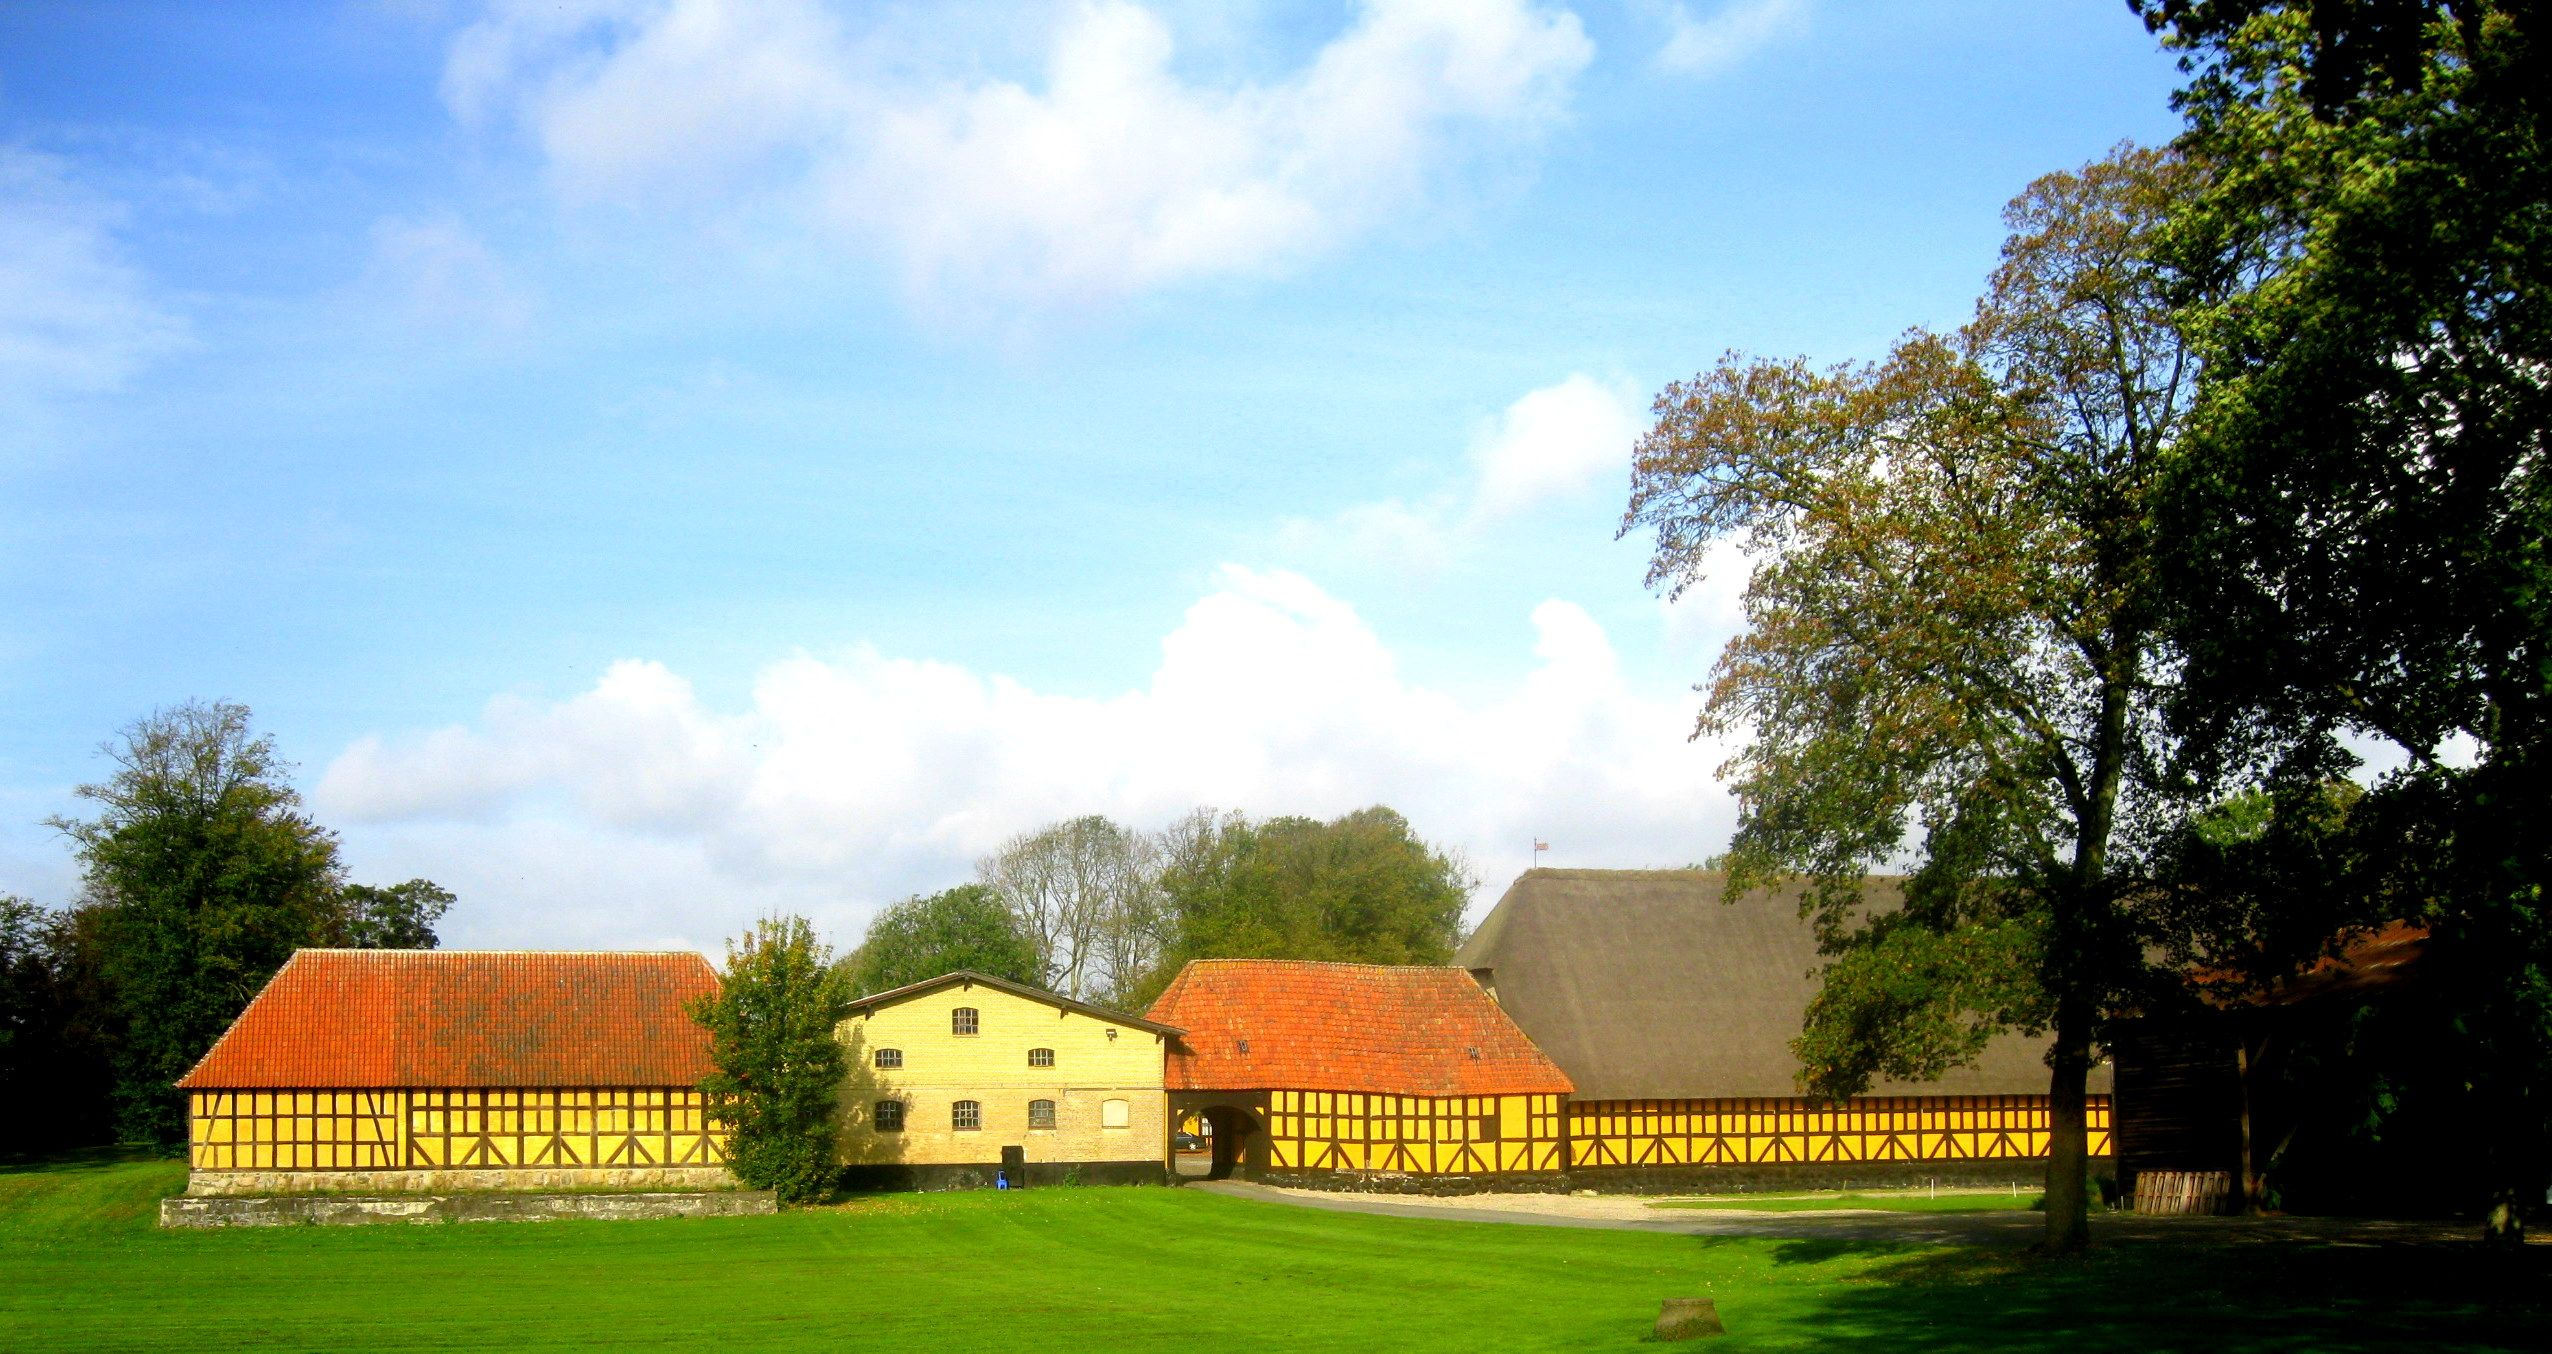 Lundegård i Nr. Broby - laden opf. 1636 af Ellen Marsvin